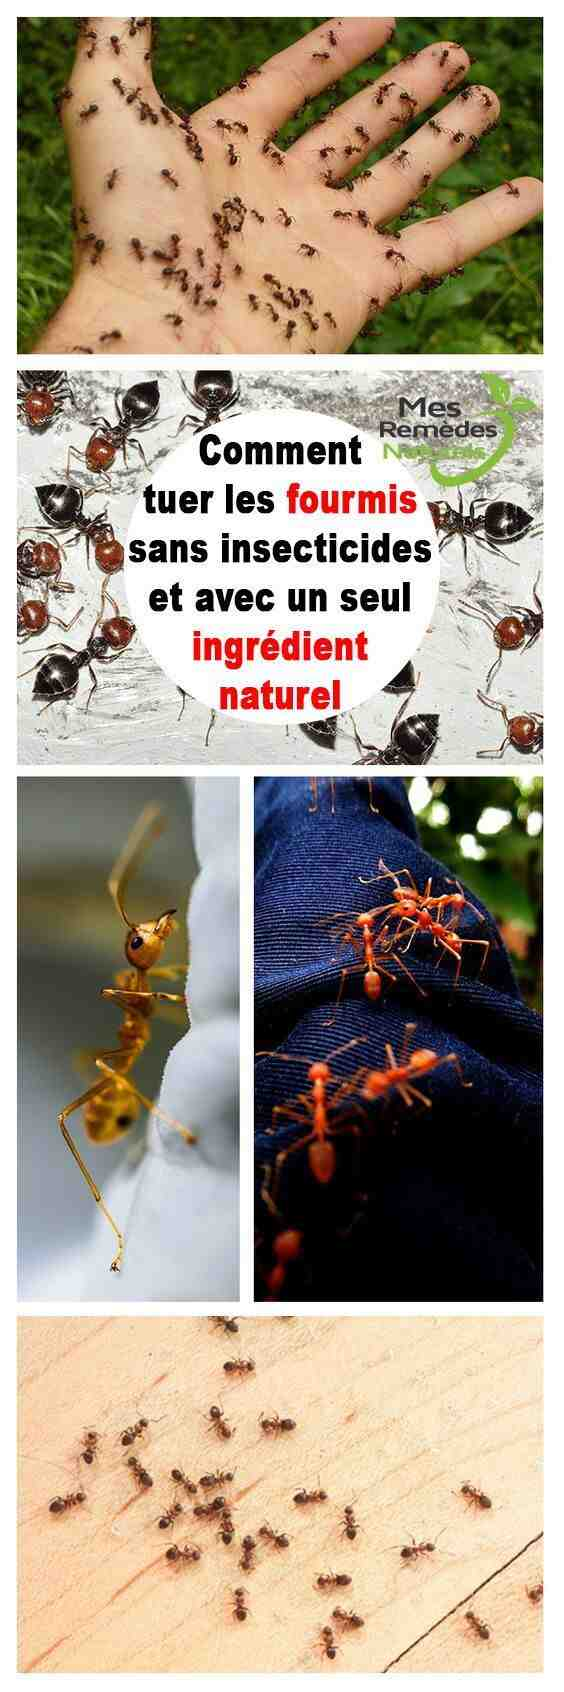 Comment se débarrasser des insectes dans la maison ?